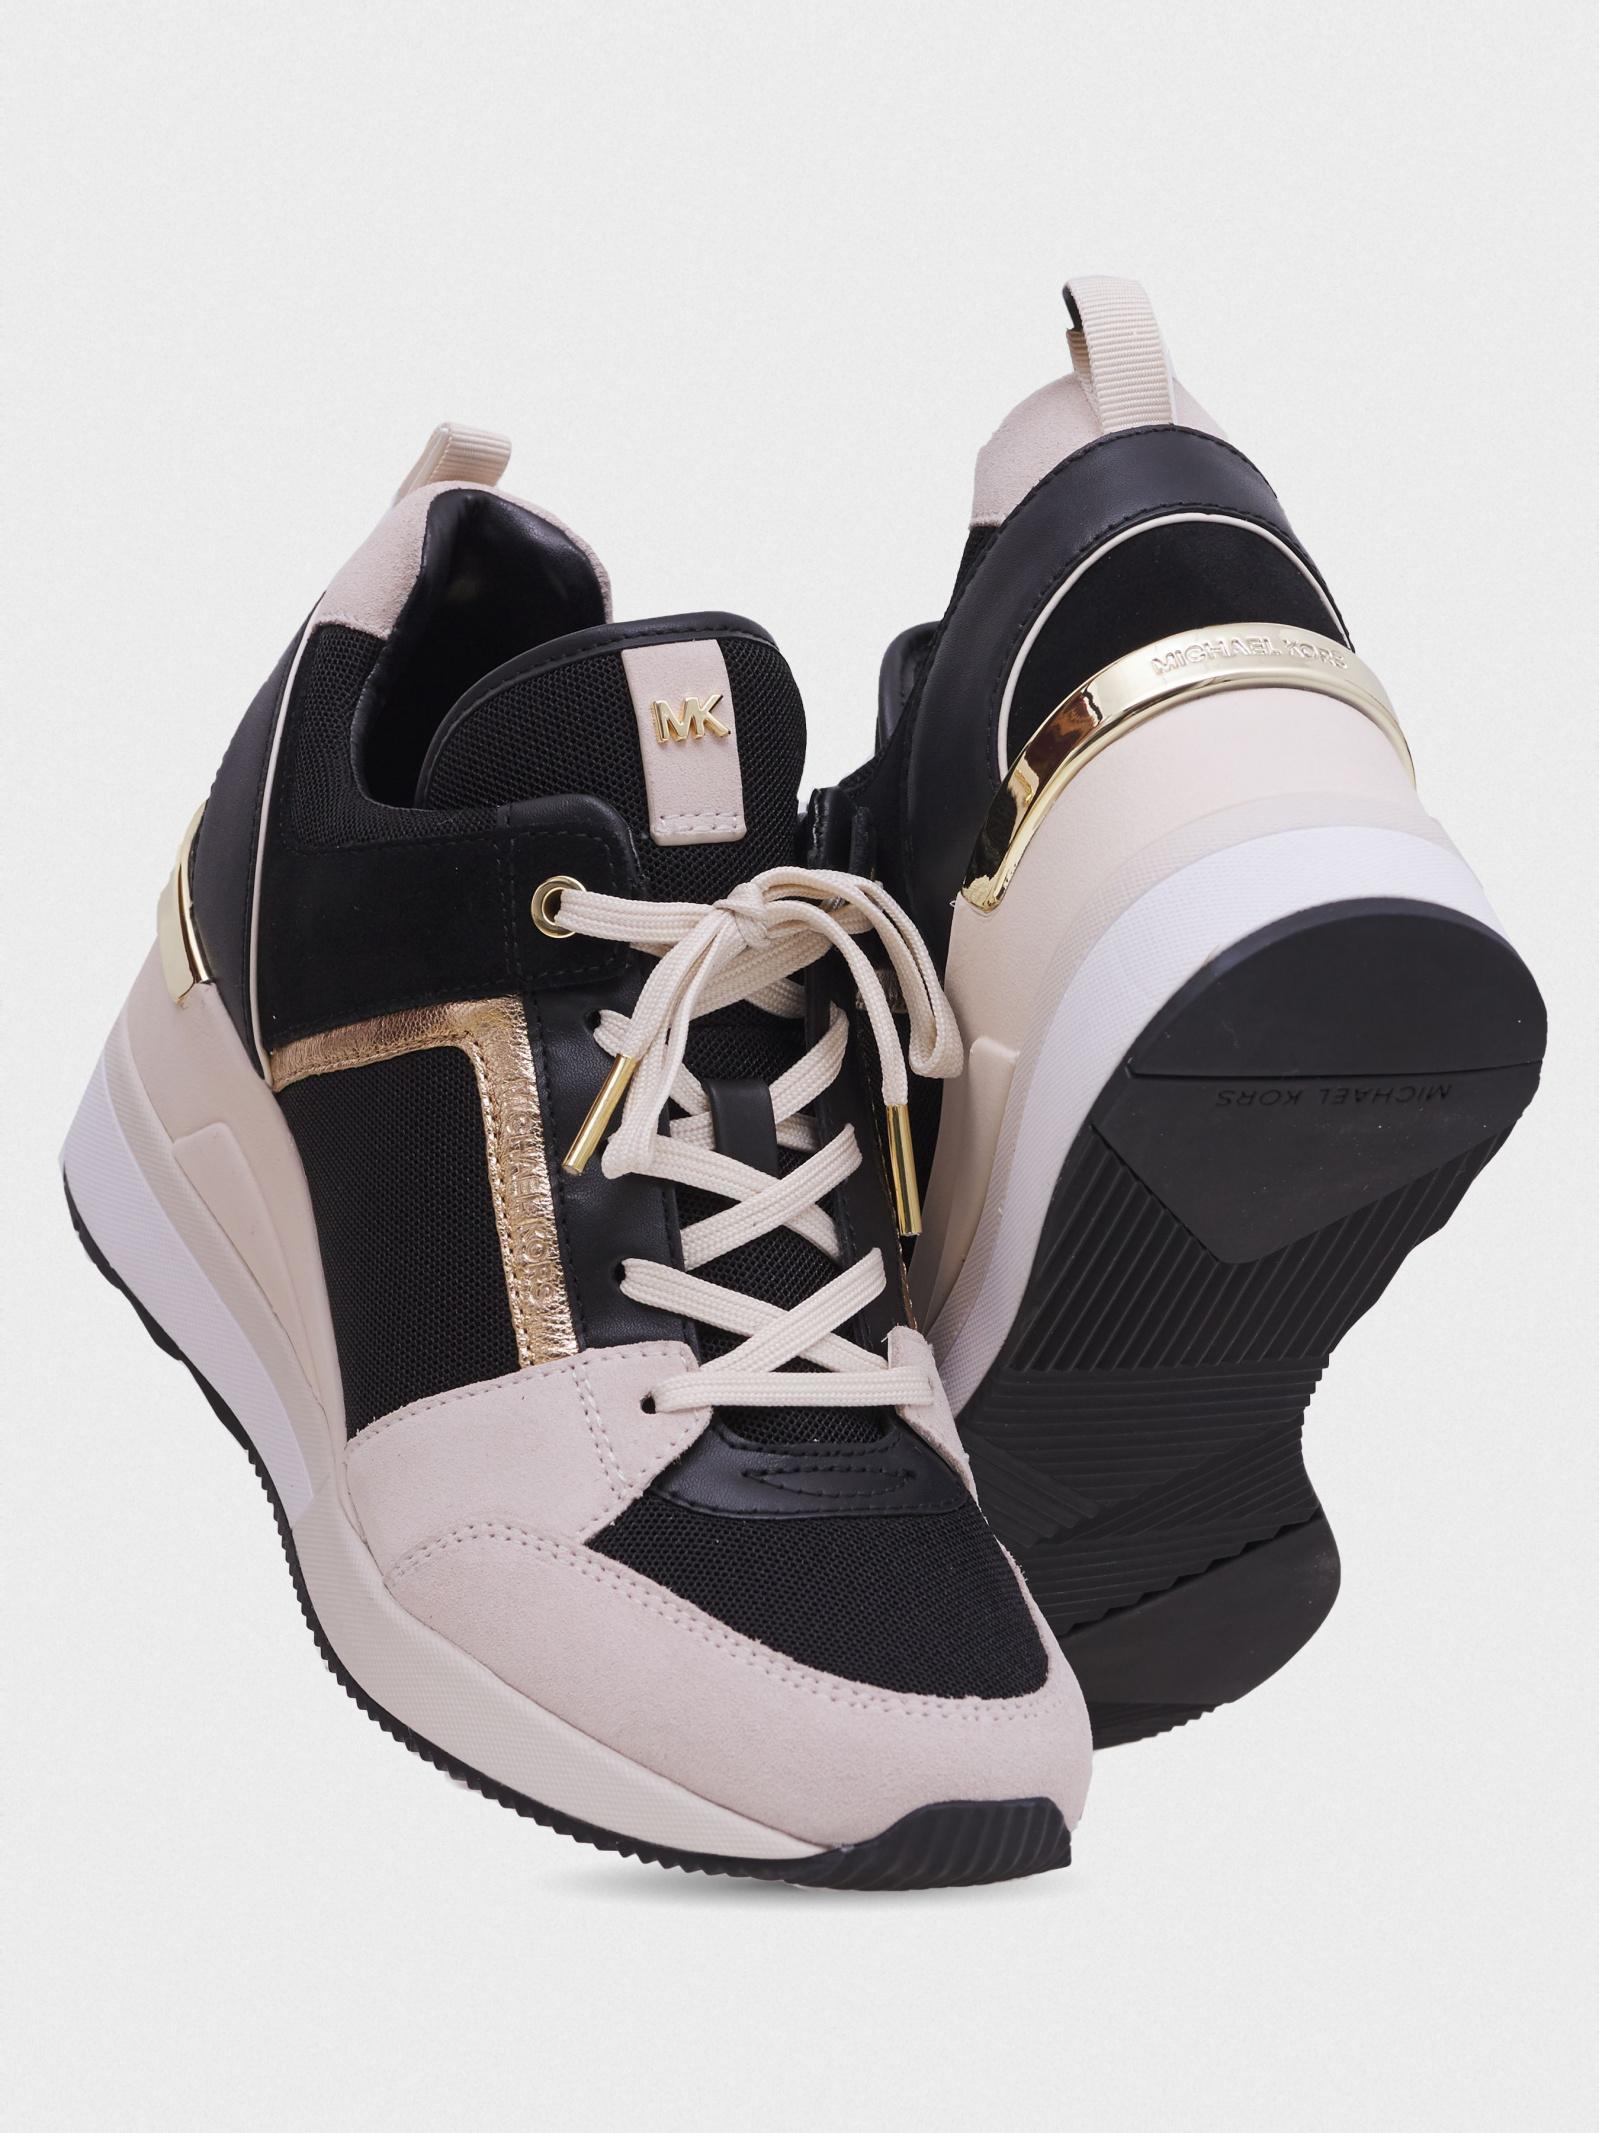 Кроссовки женские Michael Kors 4Y64 модная обувь, 2017